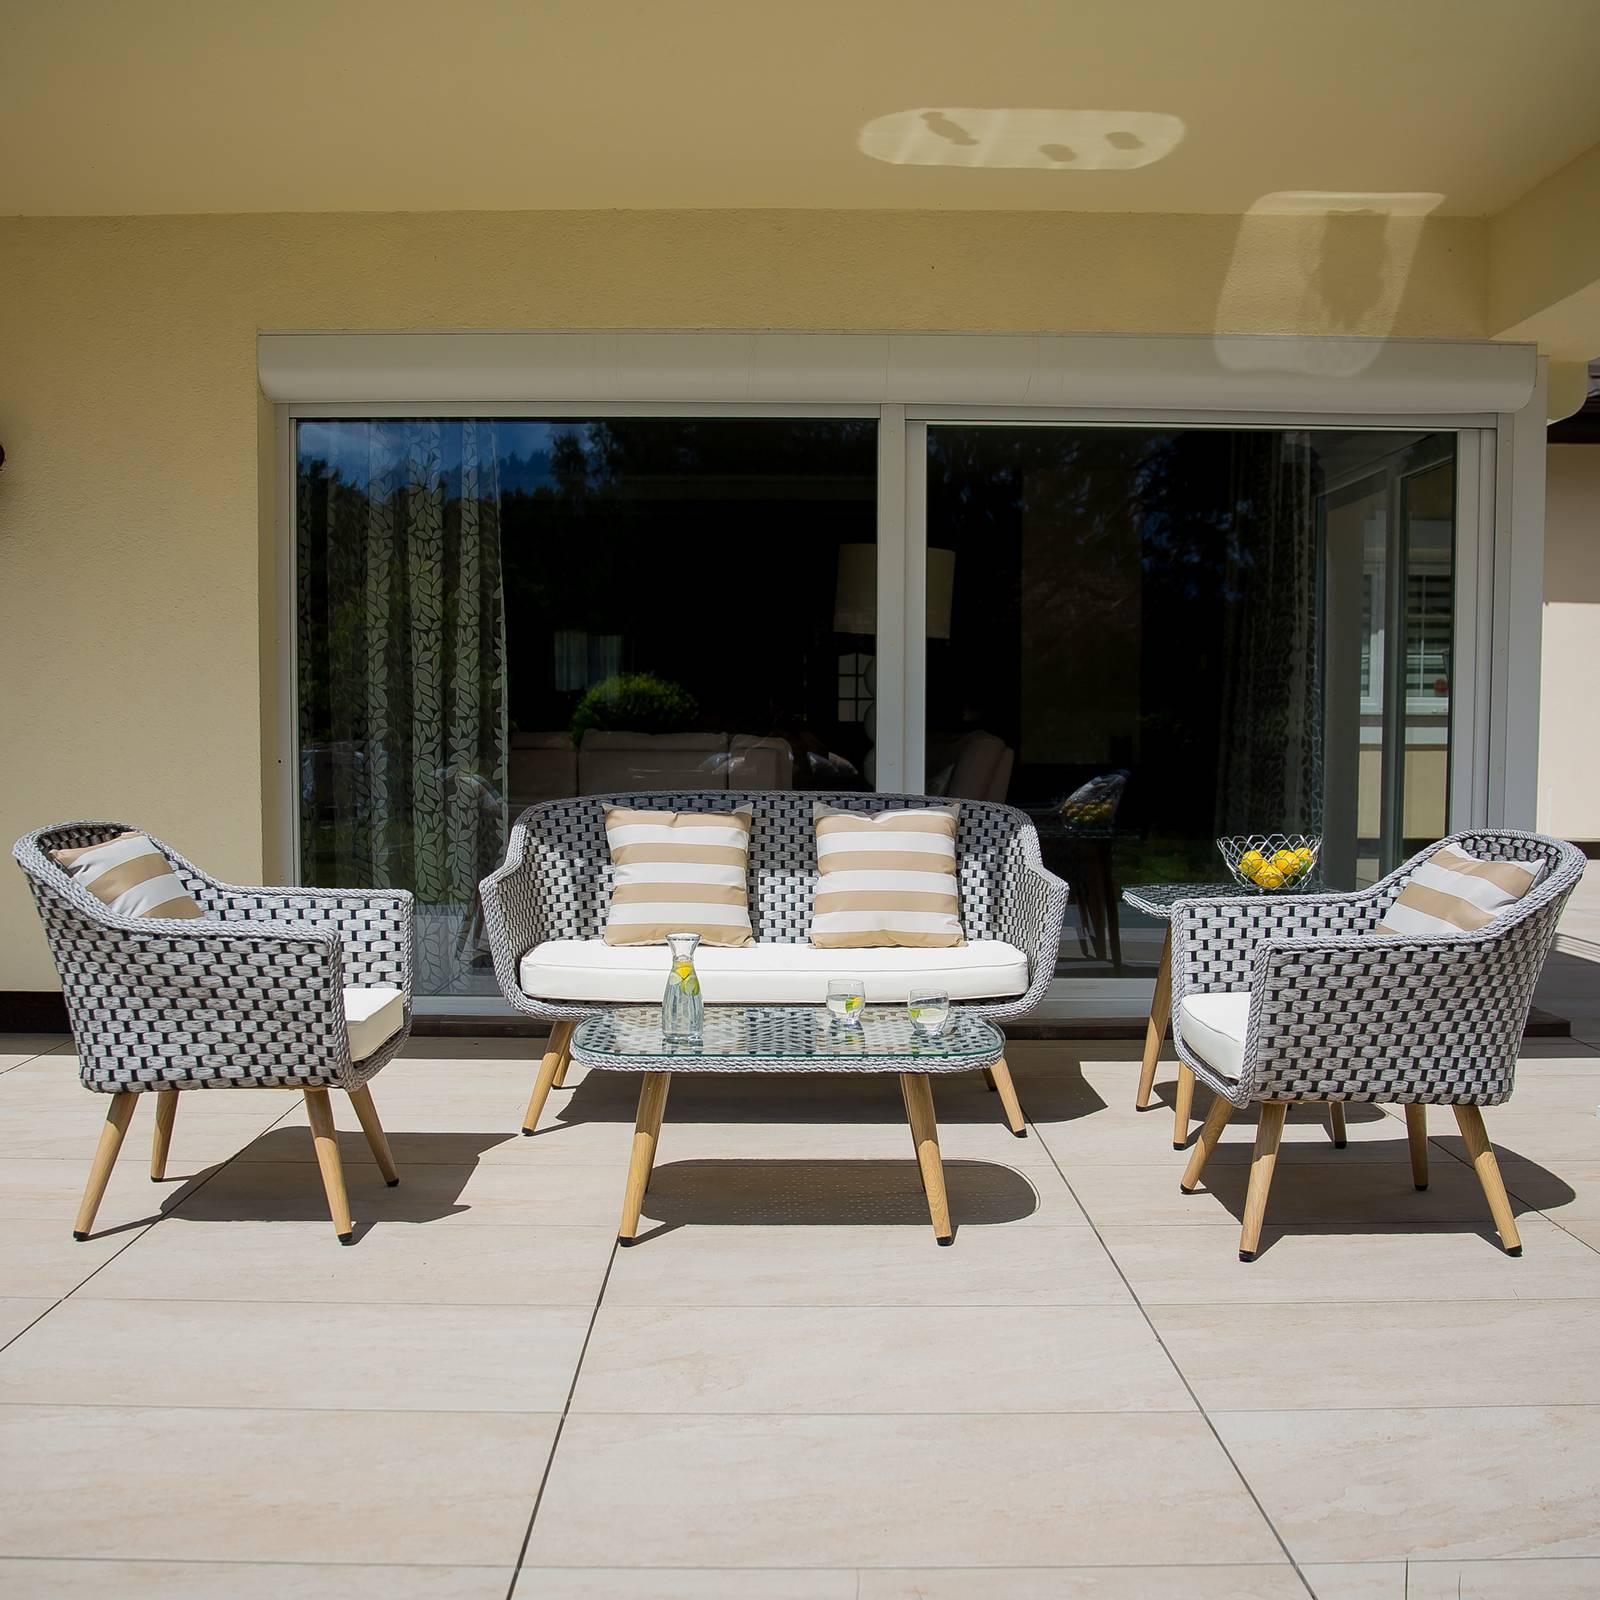 Súprava záhradného nábytku z technorattanu Mireille black & white PATIO